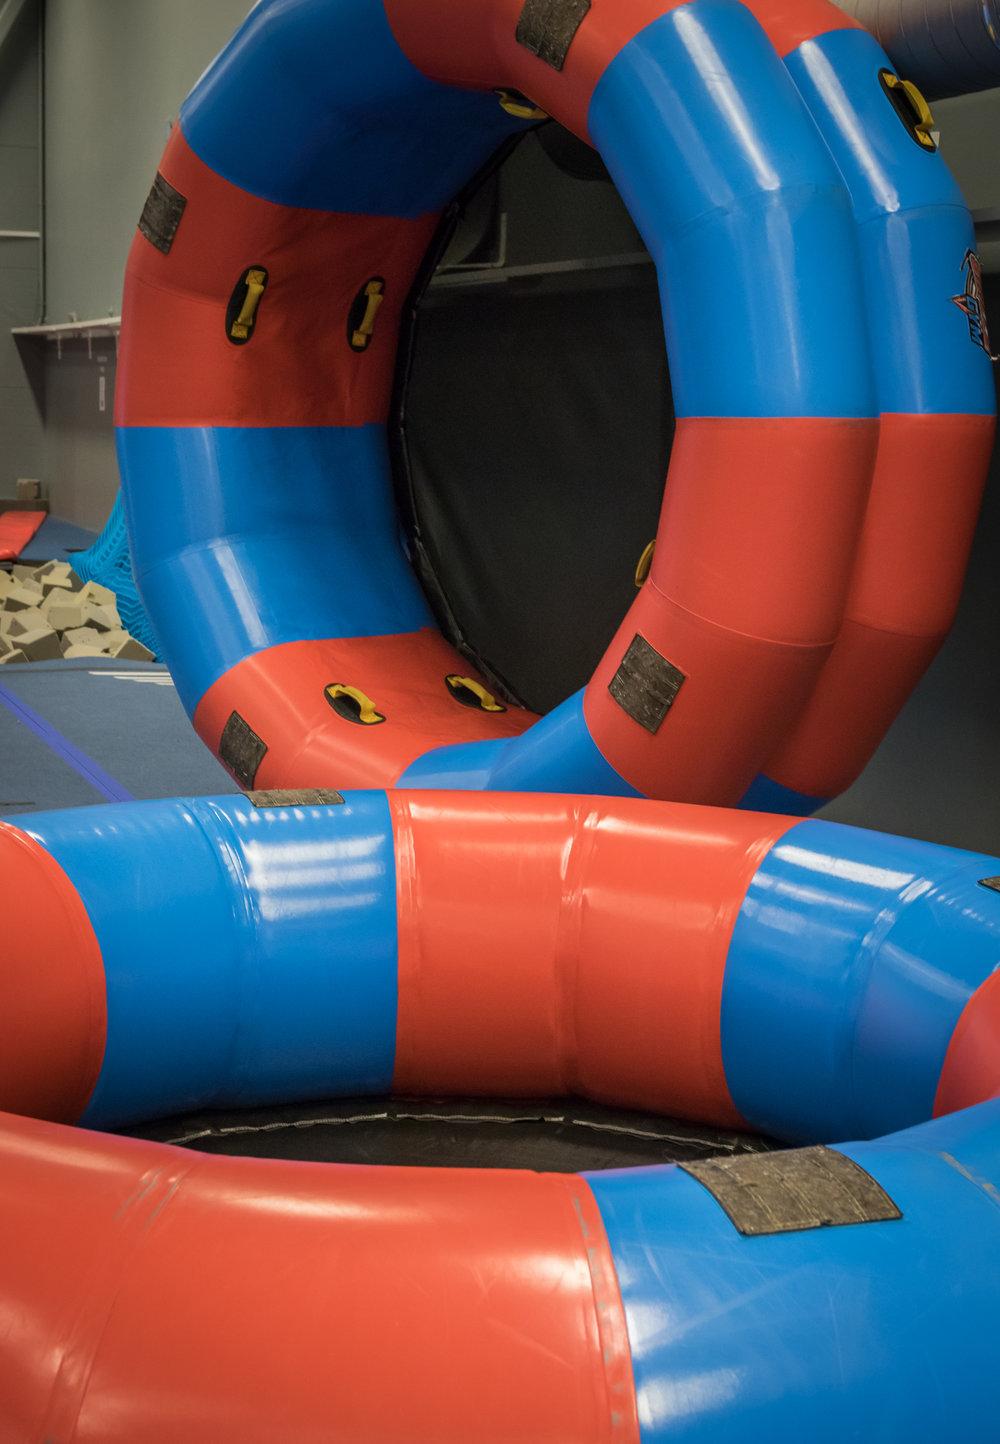 Akrobatia-välineet: - -2 erillistäilmavolttirataa-kaksiilmatrampoliinia-lukuisiaakrobatiaharjoitus-patjoja